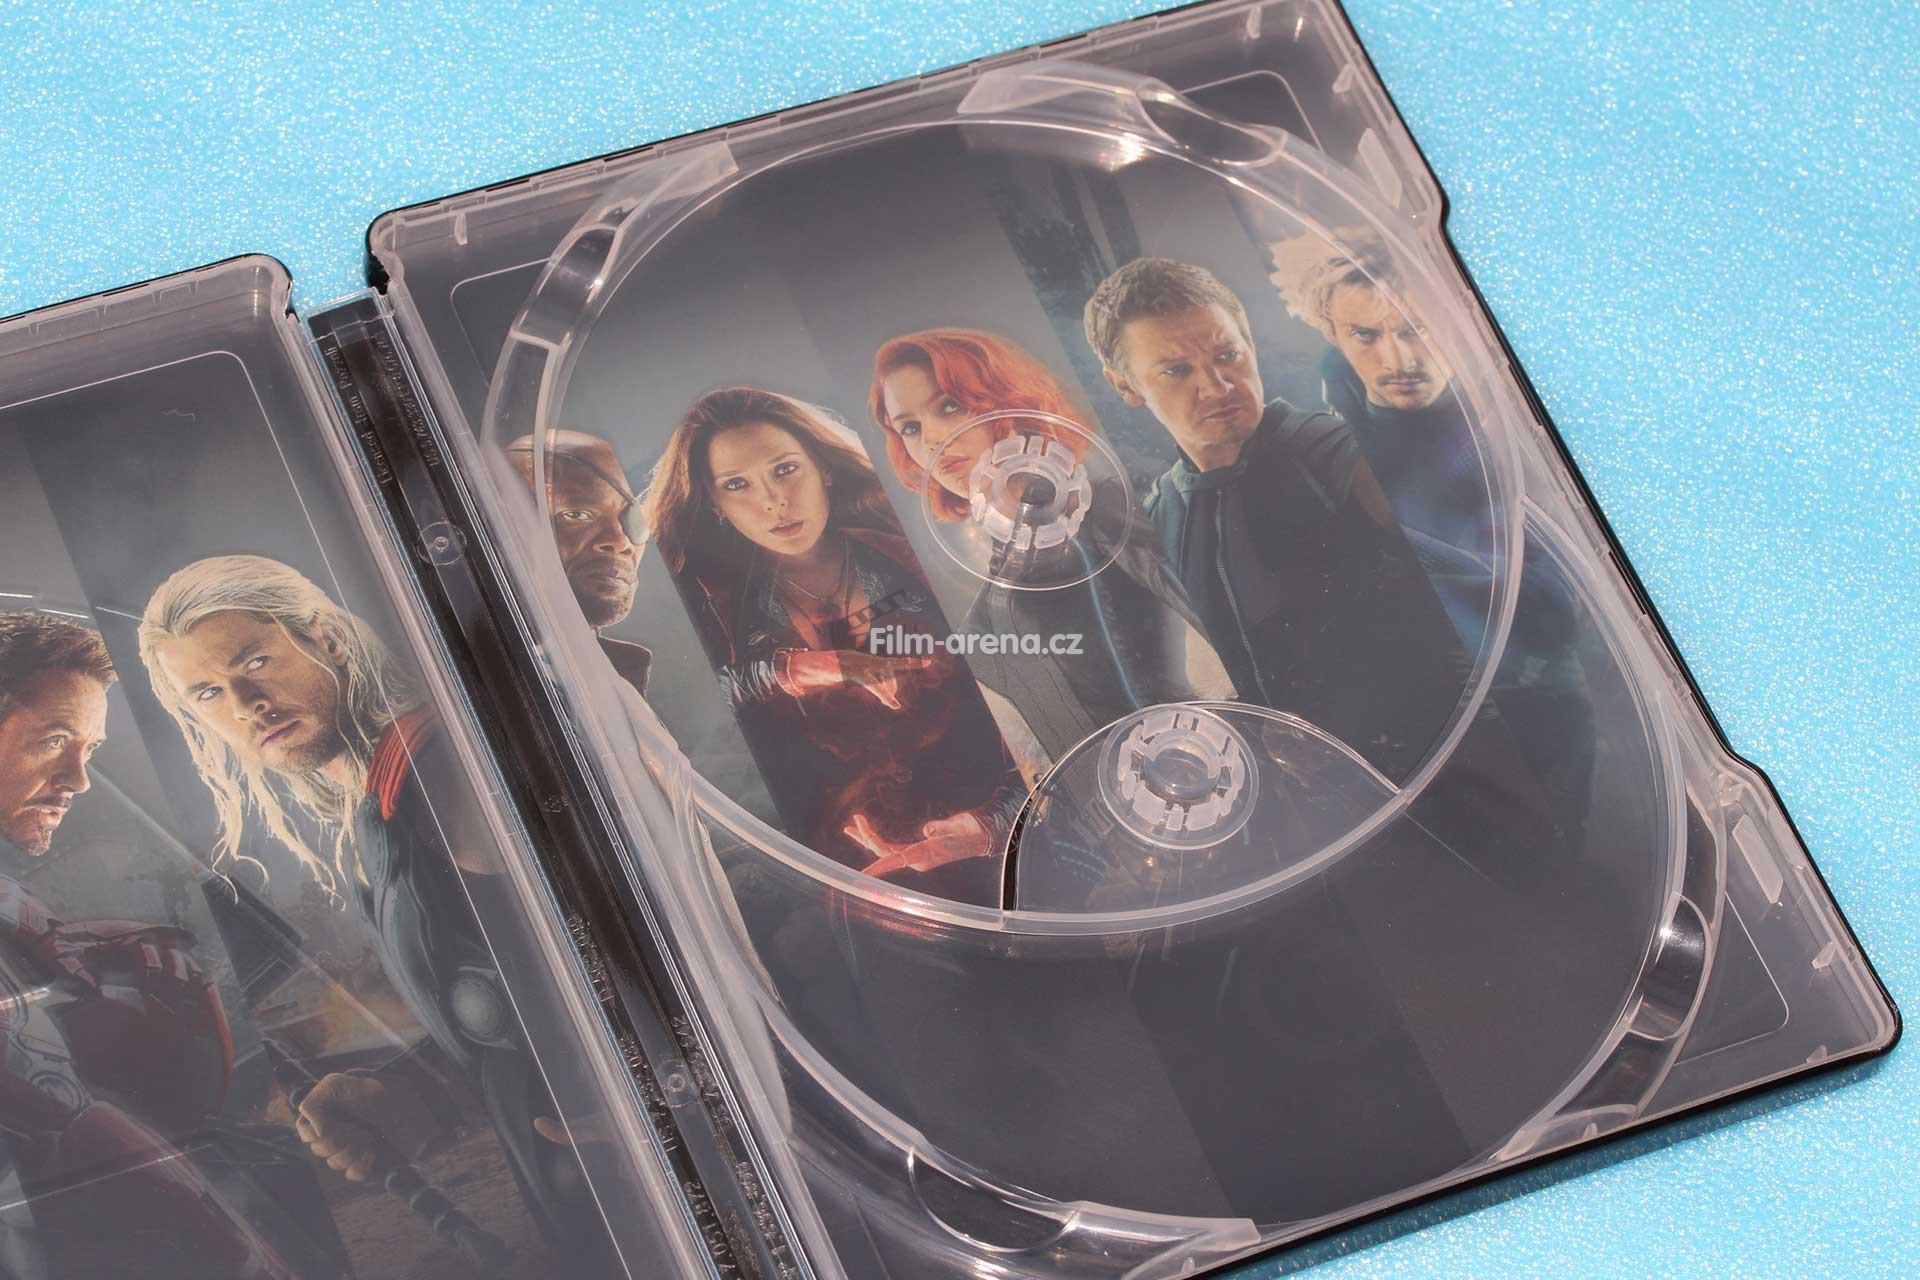 http://www.filmarena.cz/upload/images/nazivo/Avengers_2/avengers_09.jpg